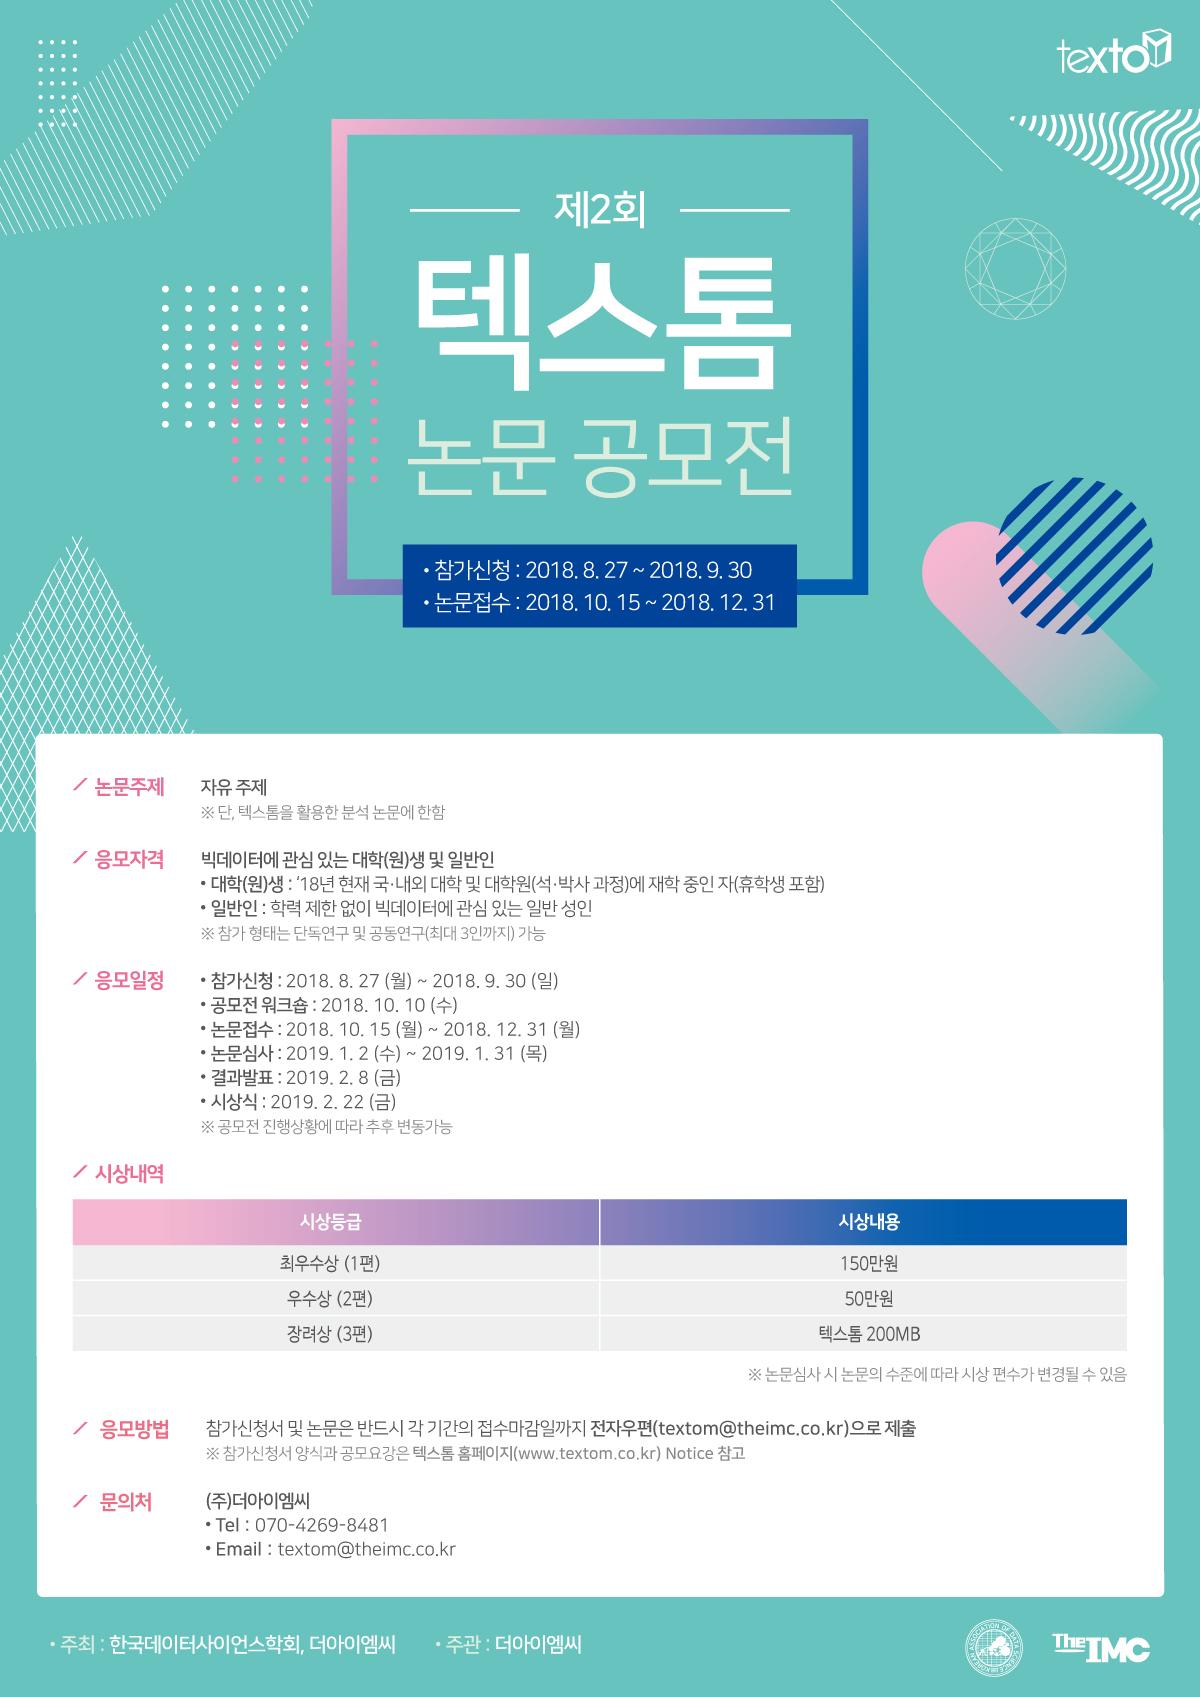 ≪ 제2회 텍스톰 논문 공모전 ≫ 개최